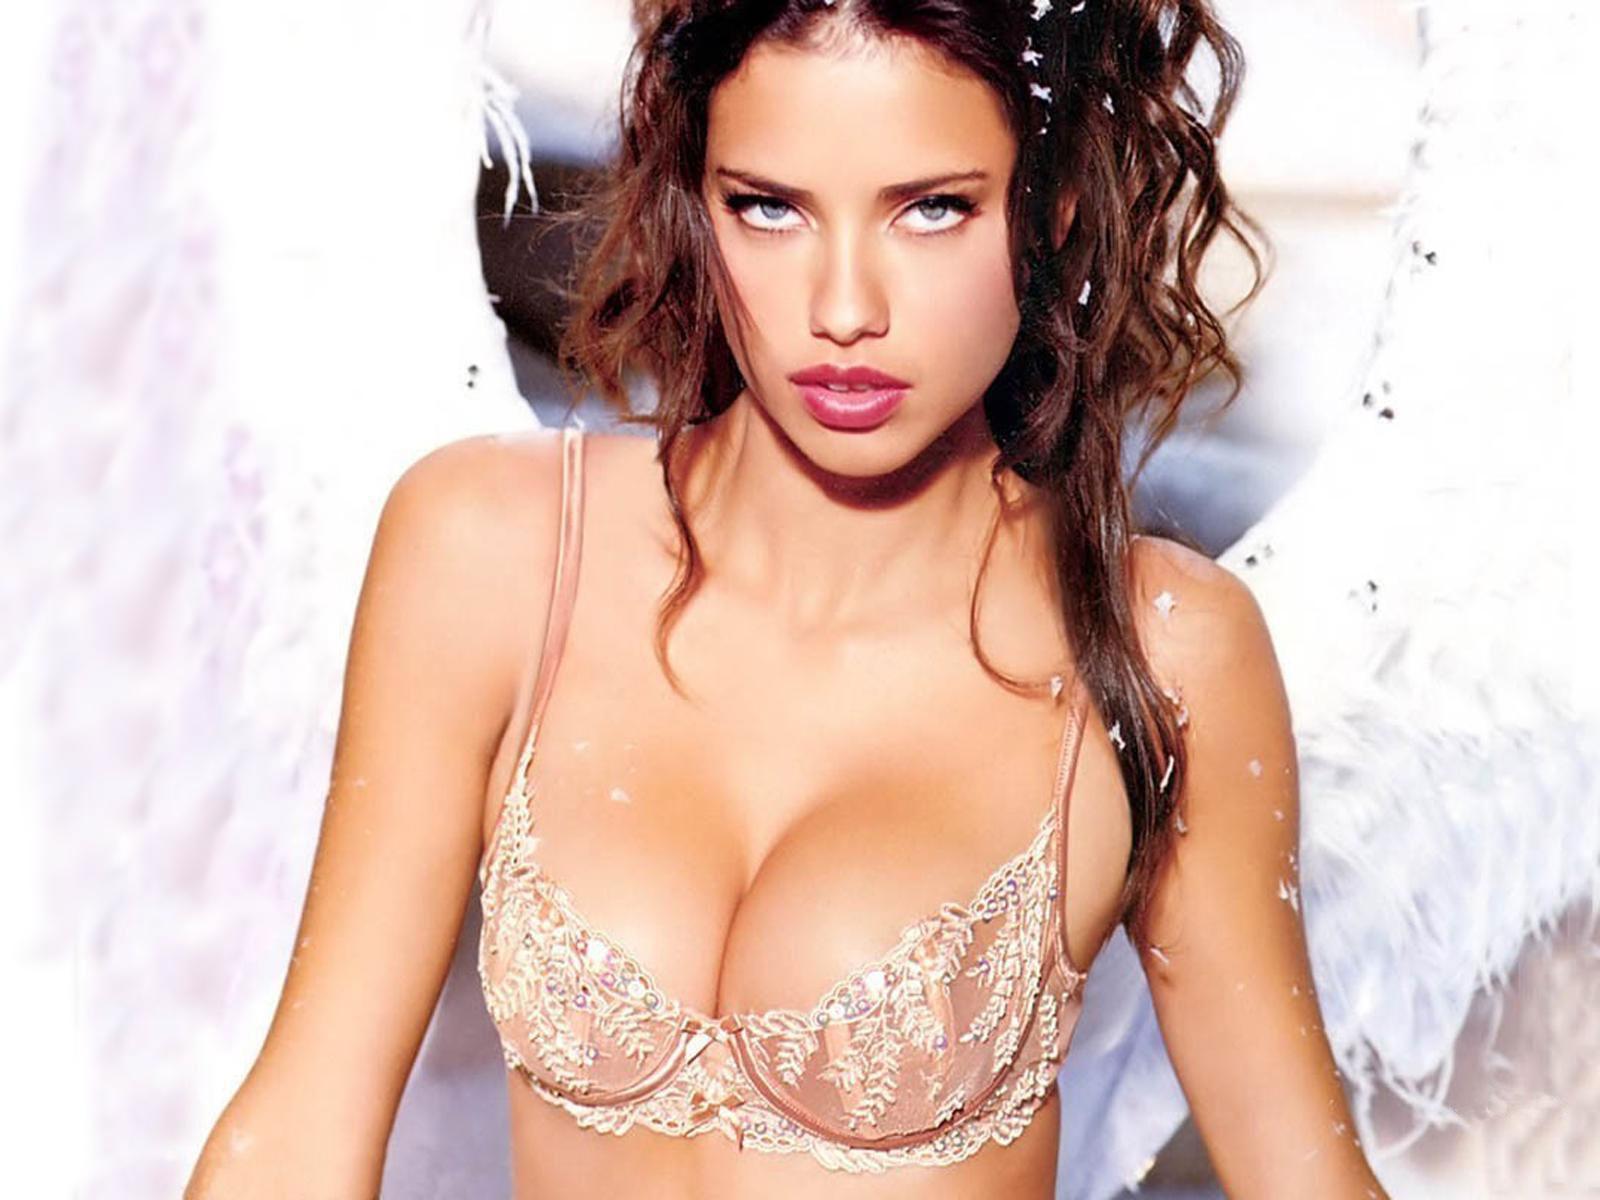 http://1.bp.blogspot.com/_F0R0OTiUTtU/R1E8WAXxHeI/AAAAAAAAADc/CTM1N397Exc/s1600-R/Adriana%25252BLima_1.jpg